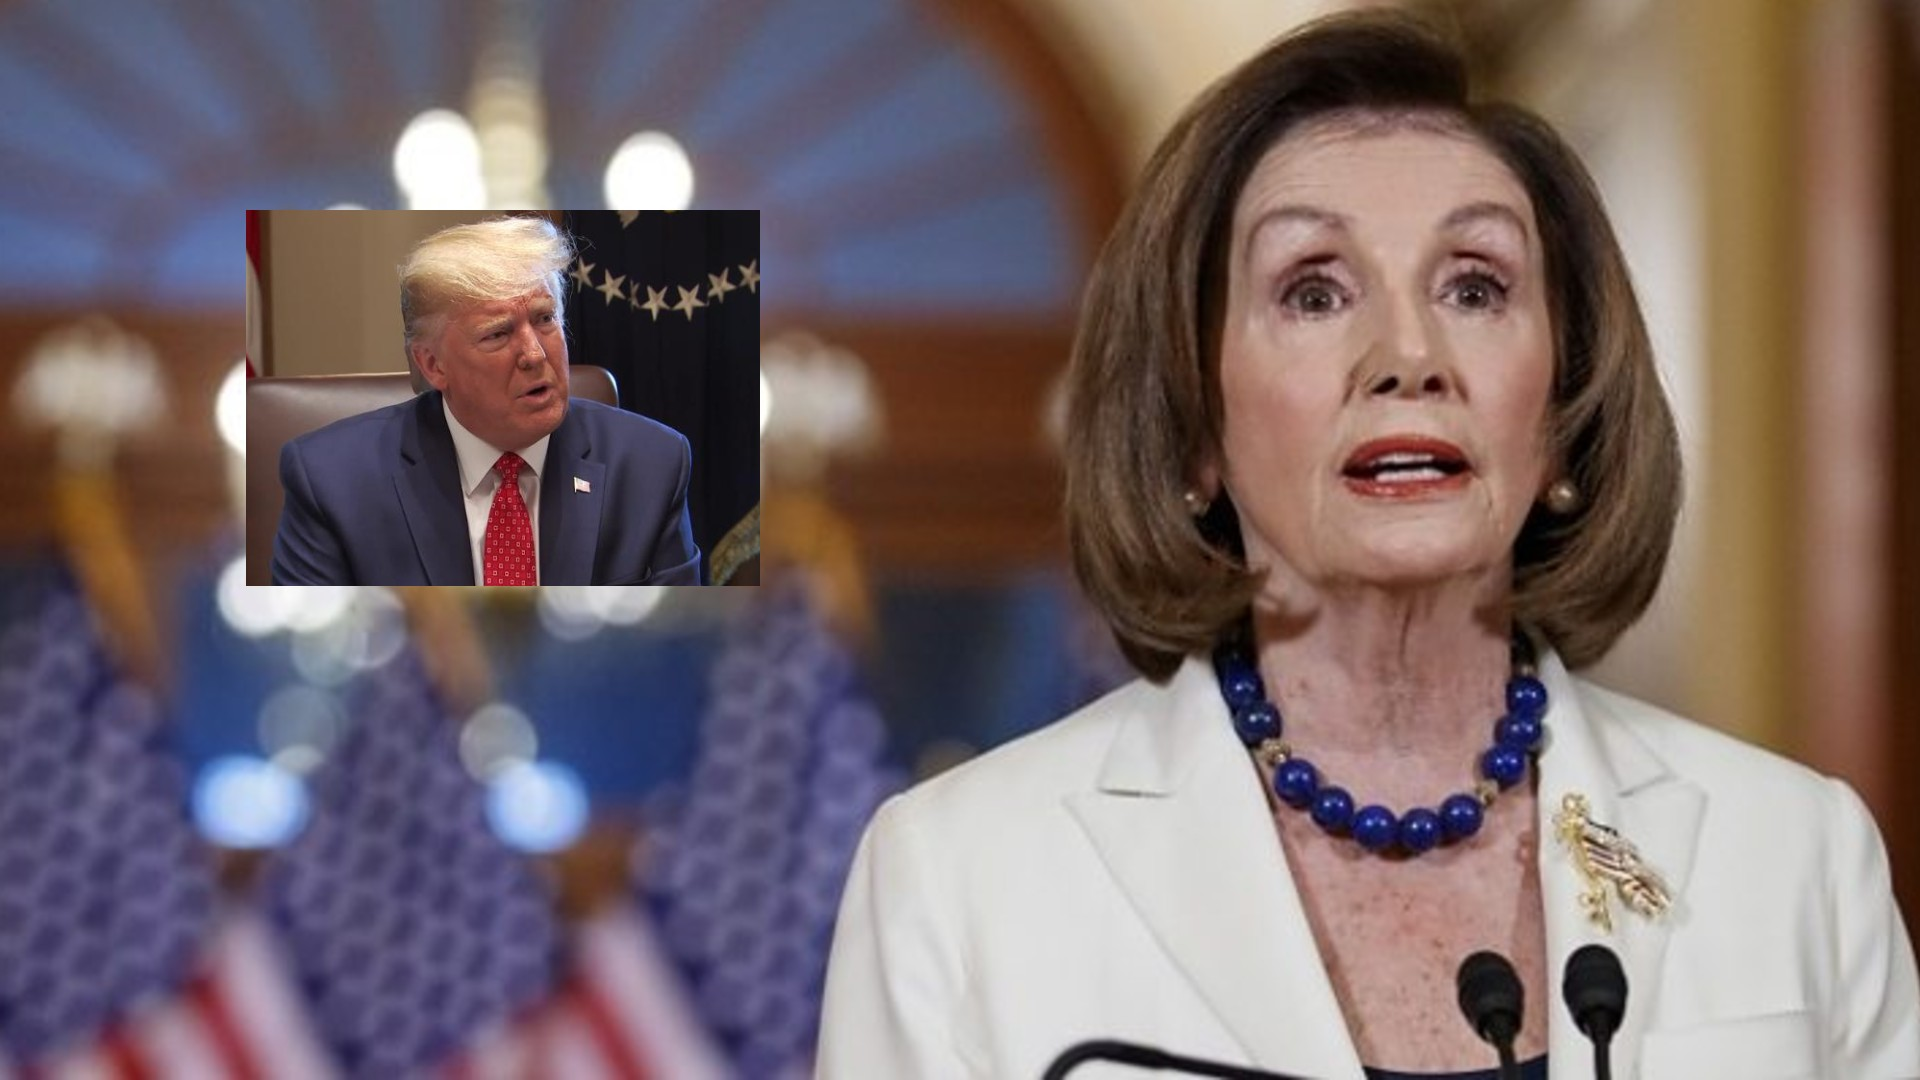 Nancy Pelosi ordena proceder con acusación formal contra Trump